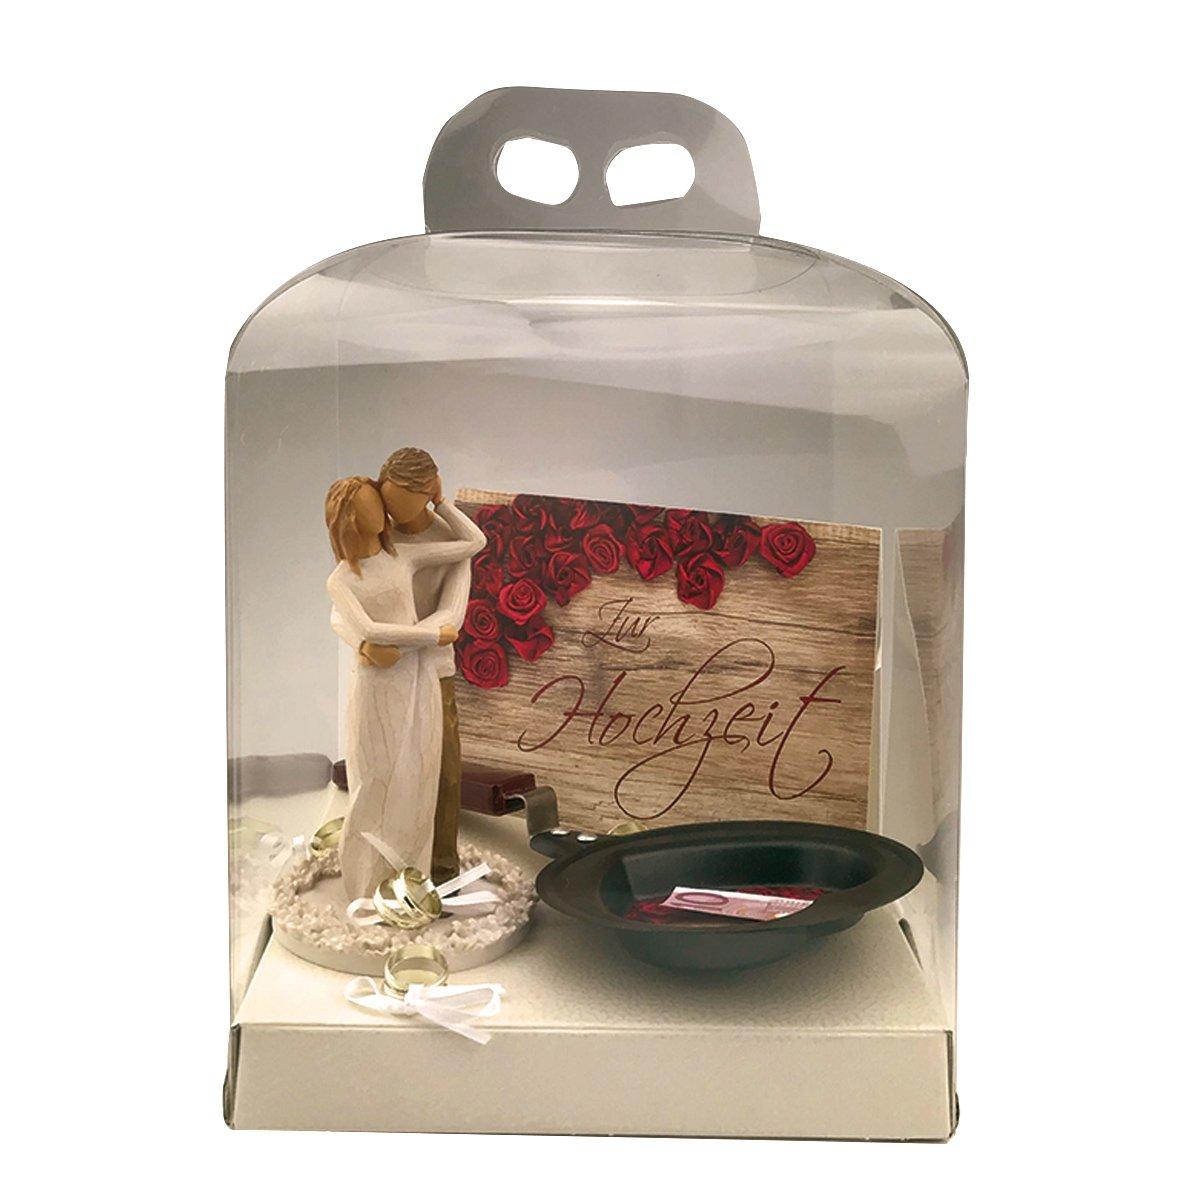 Geschenkset 3-teilig Hochzeit - 'ZWeißamkeit'   Willow Tree Figur Geldpfanne Karte dekoratives Geschenk Eheringe Geldgeschenk